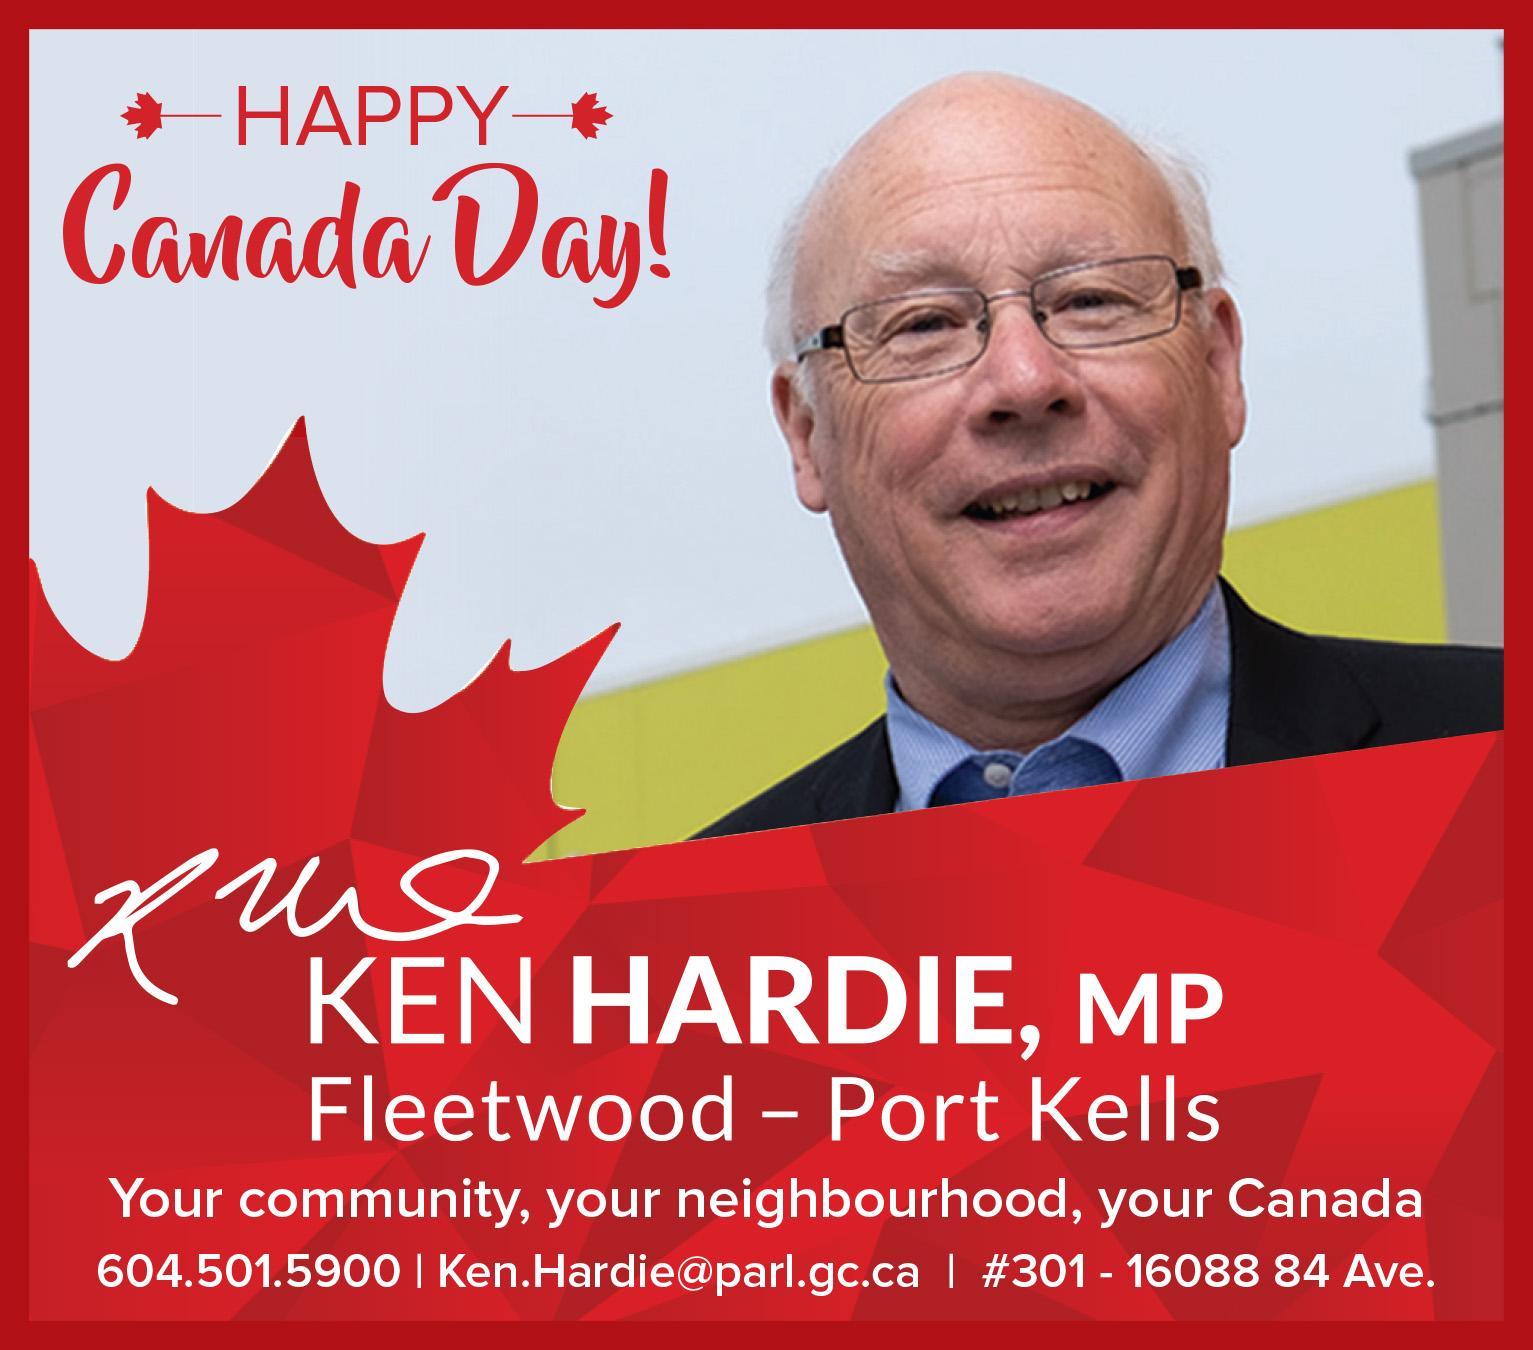 Ken Hardie